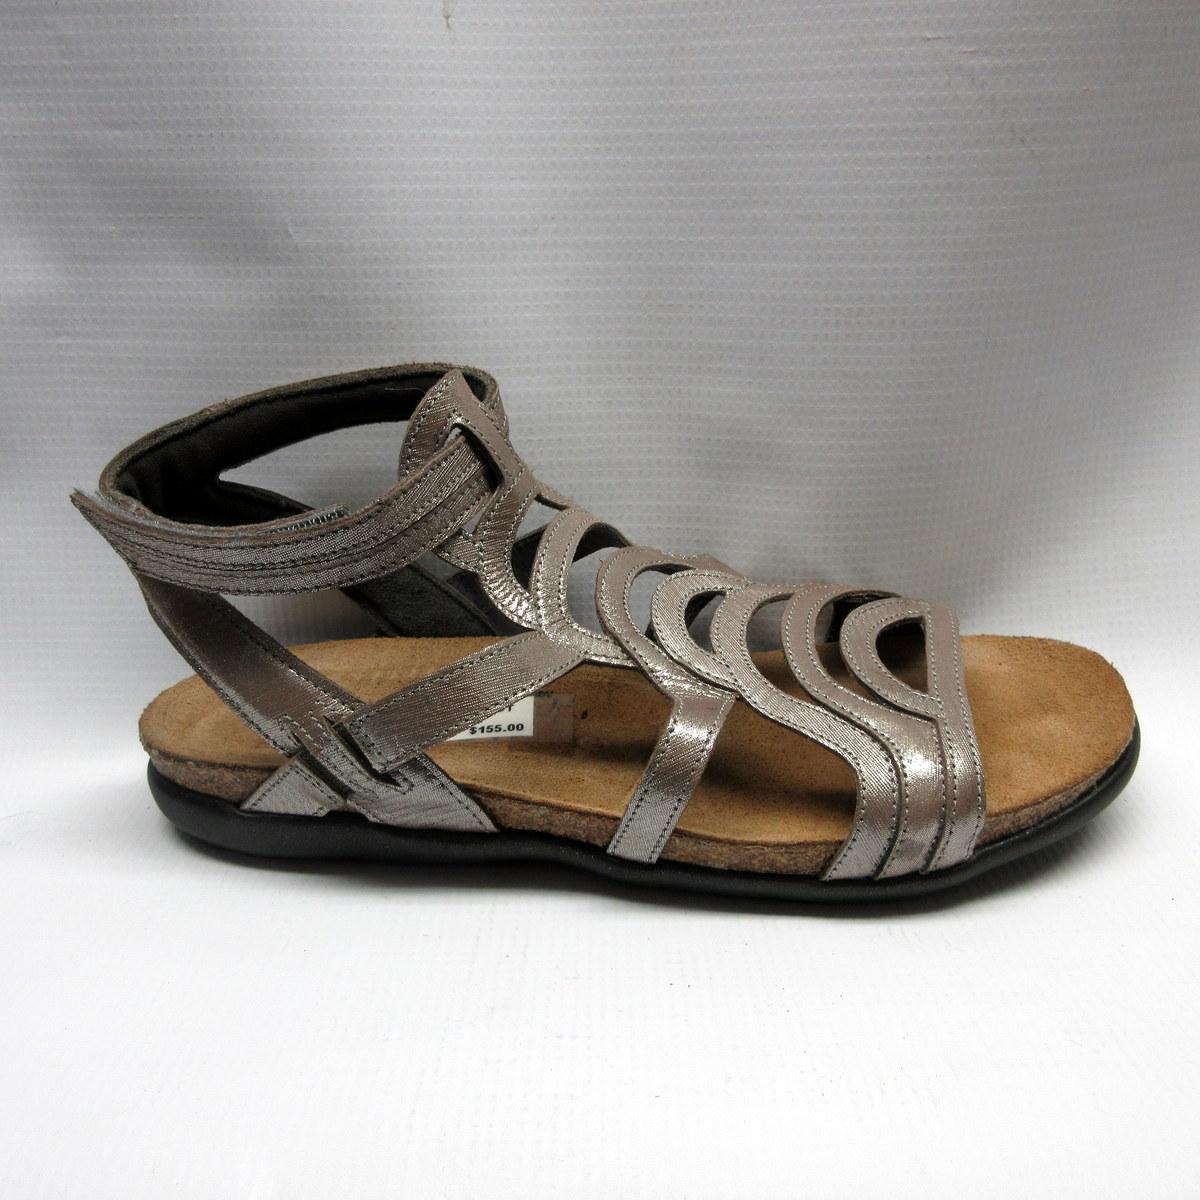 1e4a0d161f99 naot-sandals-women-sara-silver.JPG